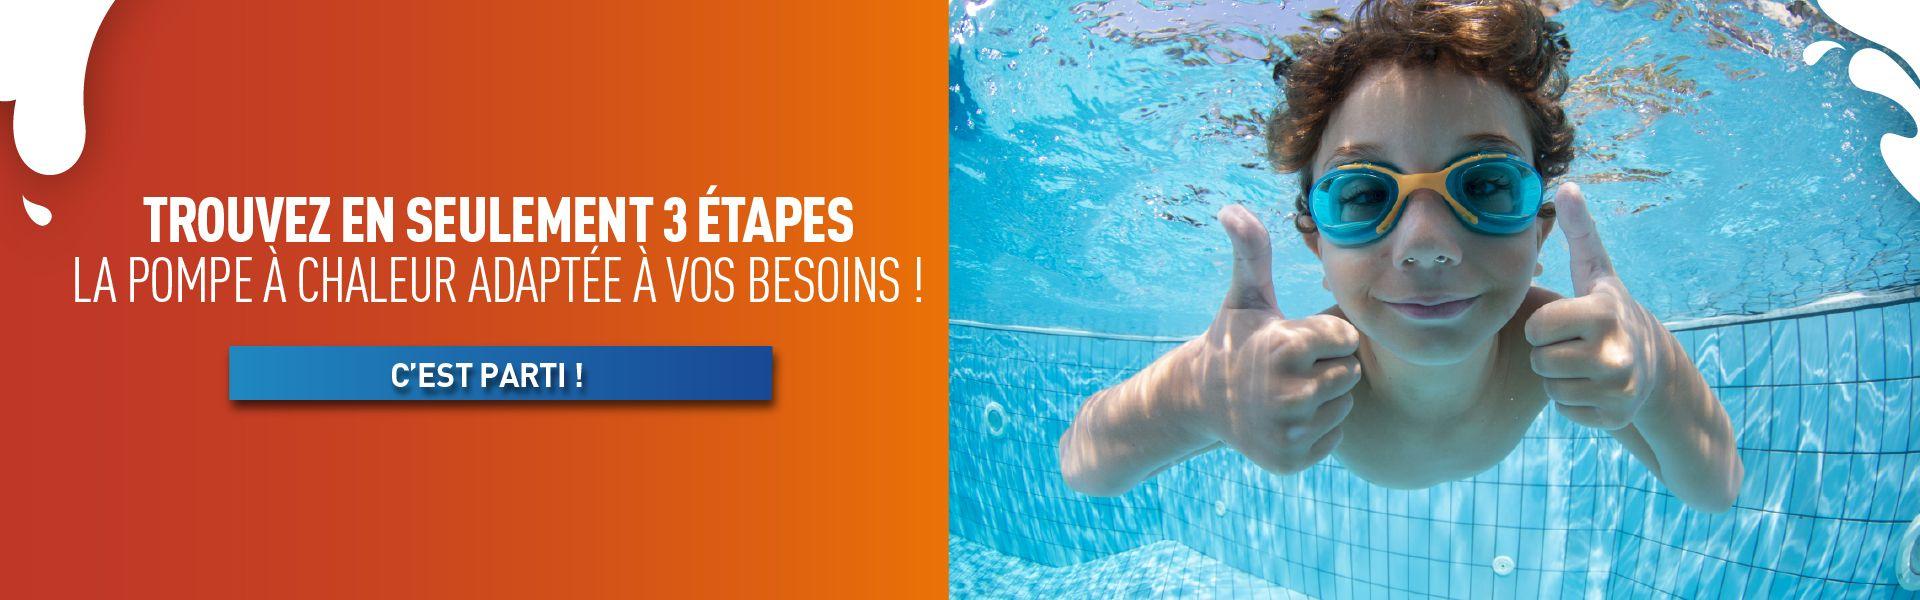 Cash Piscines - Tout Pour La Piscine & Spas Gonflables ... dedans Cash Piscine Sollies Pont